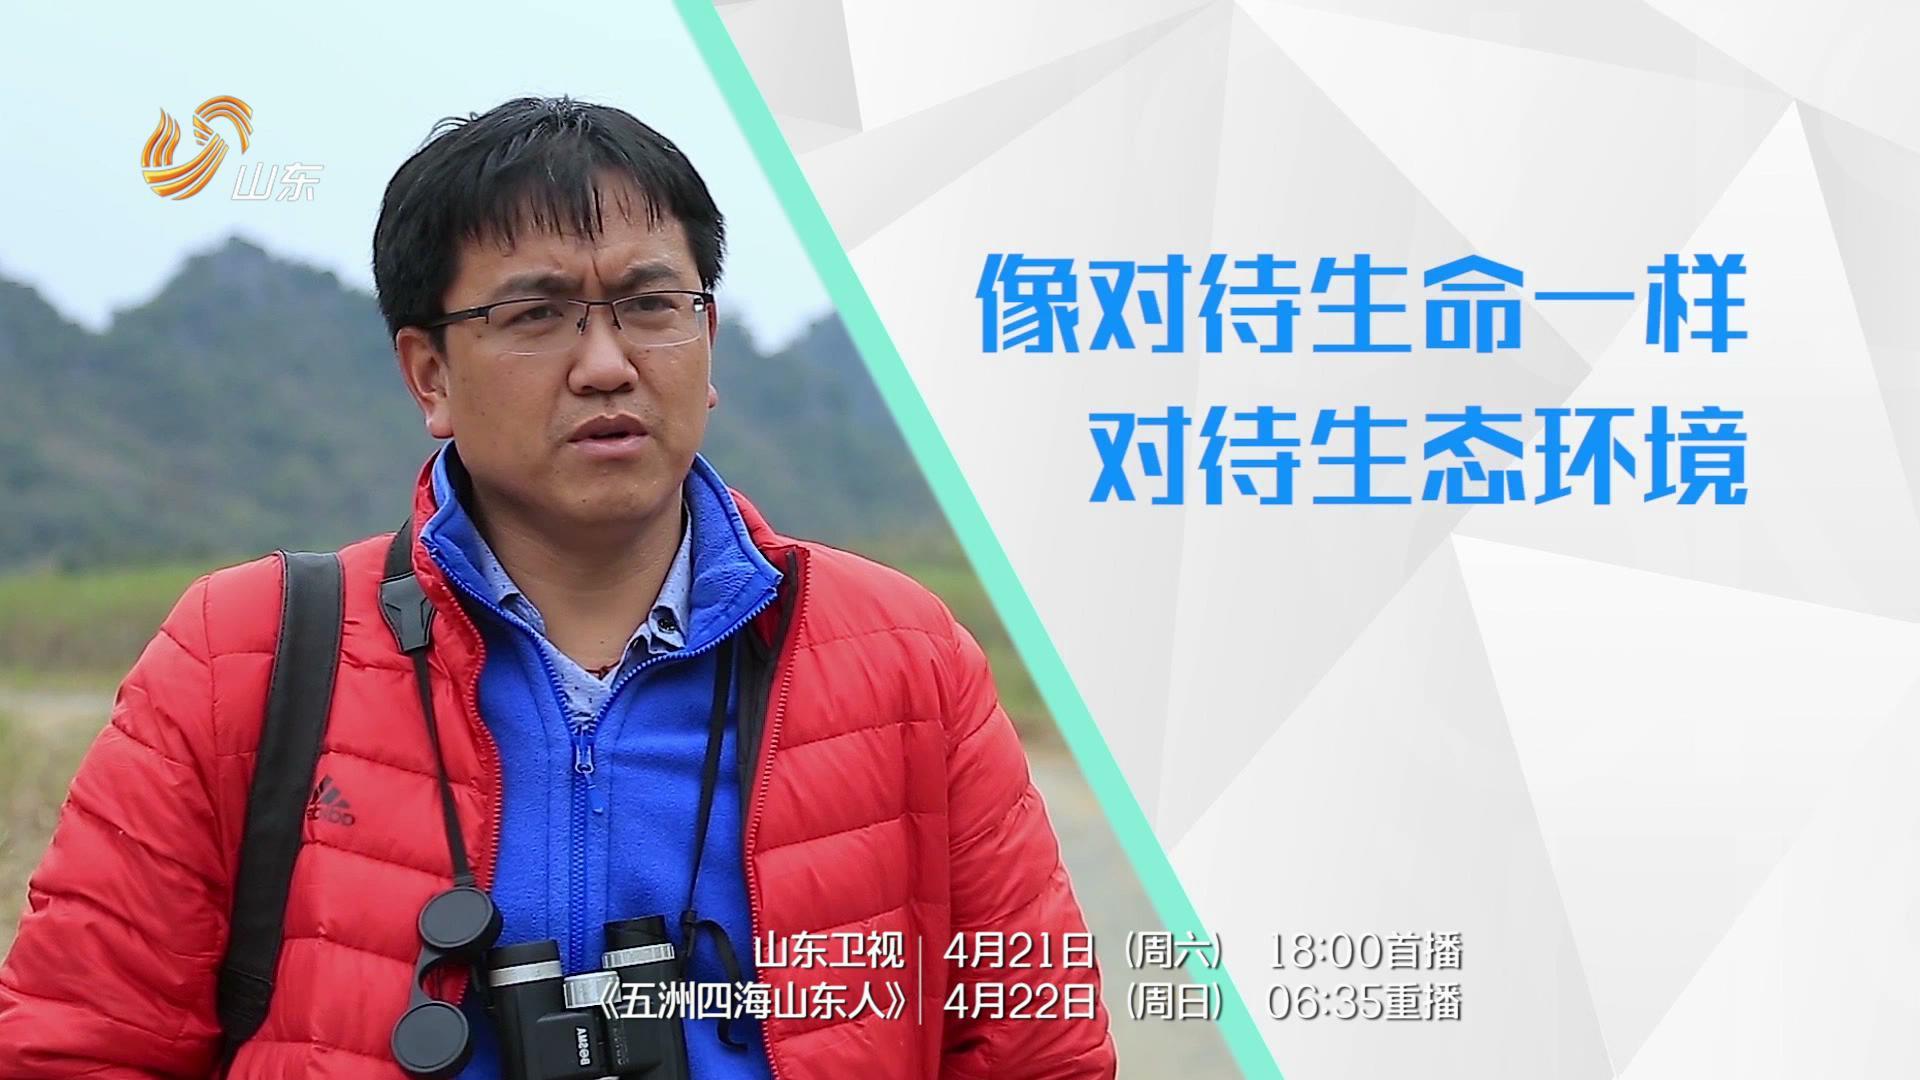 孟涛:像对待生命一样对待生态环境